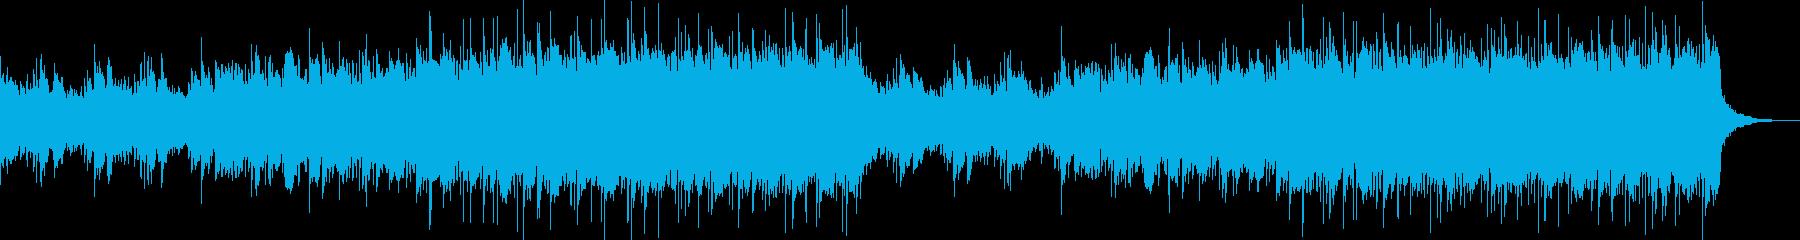 感動的な映像、ピアノ、ポストクラシカル2の再生済みの波形